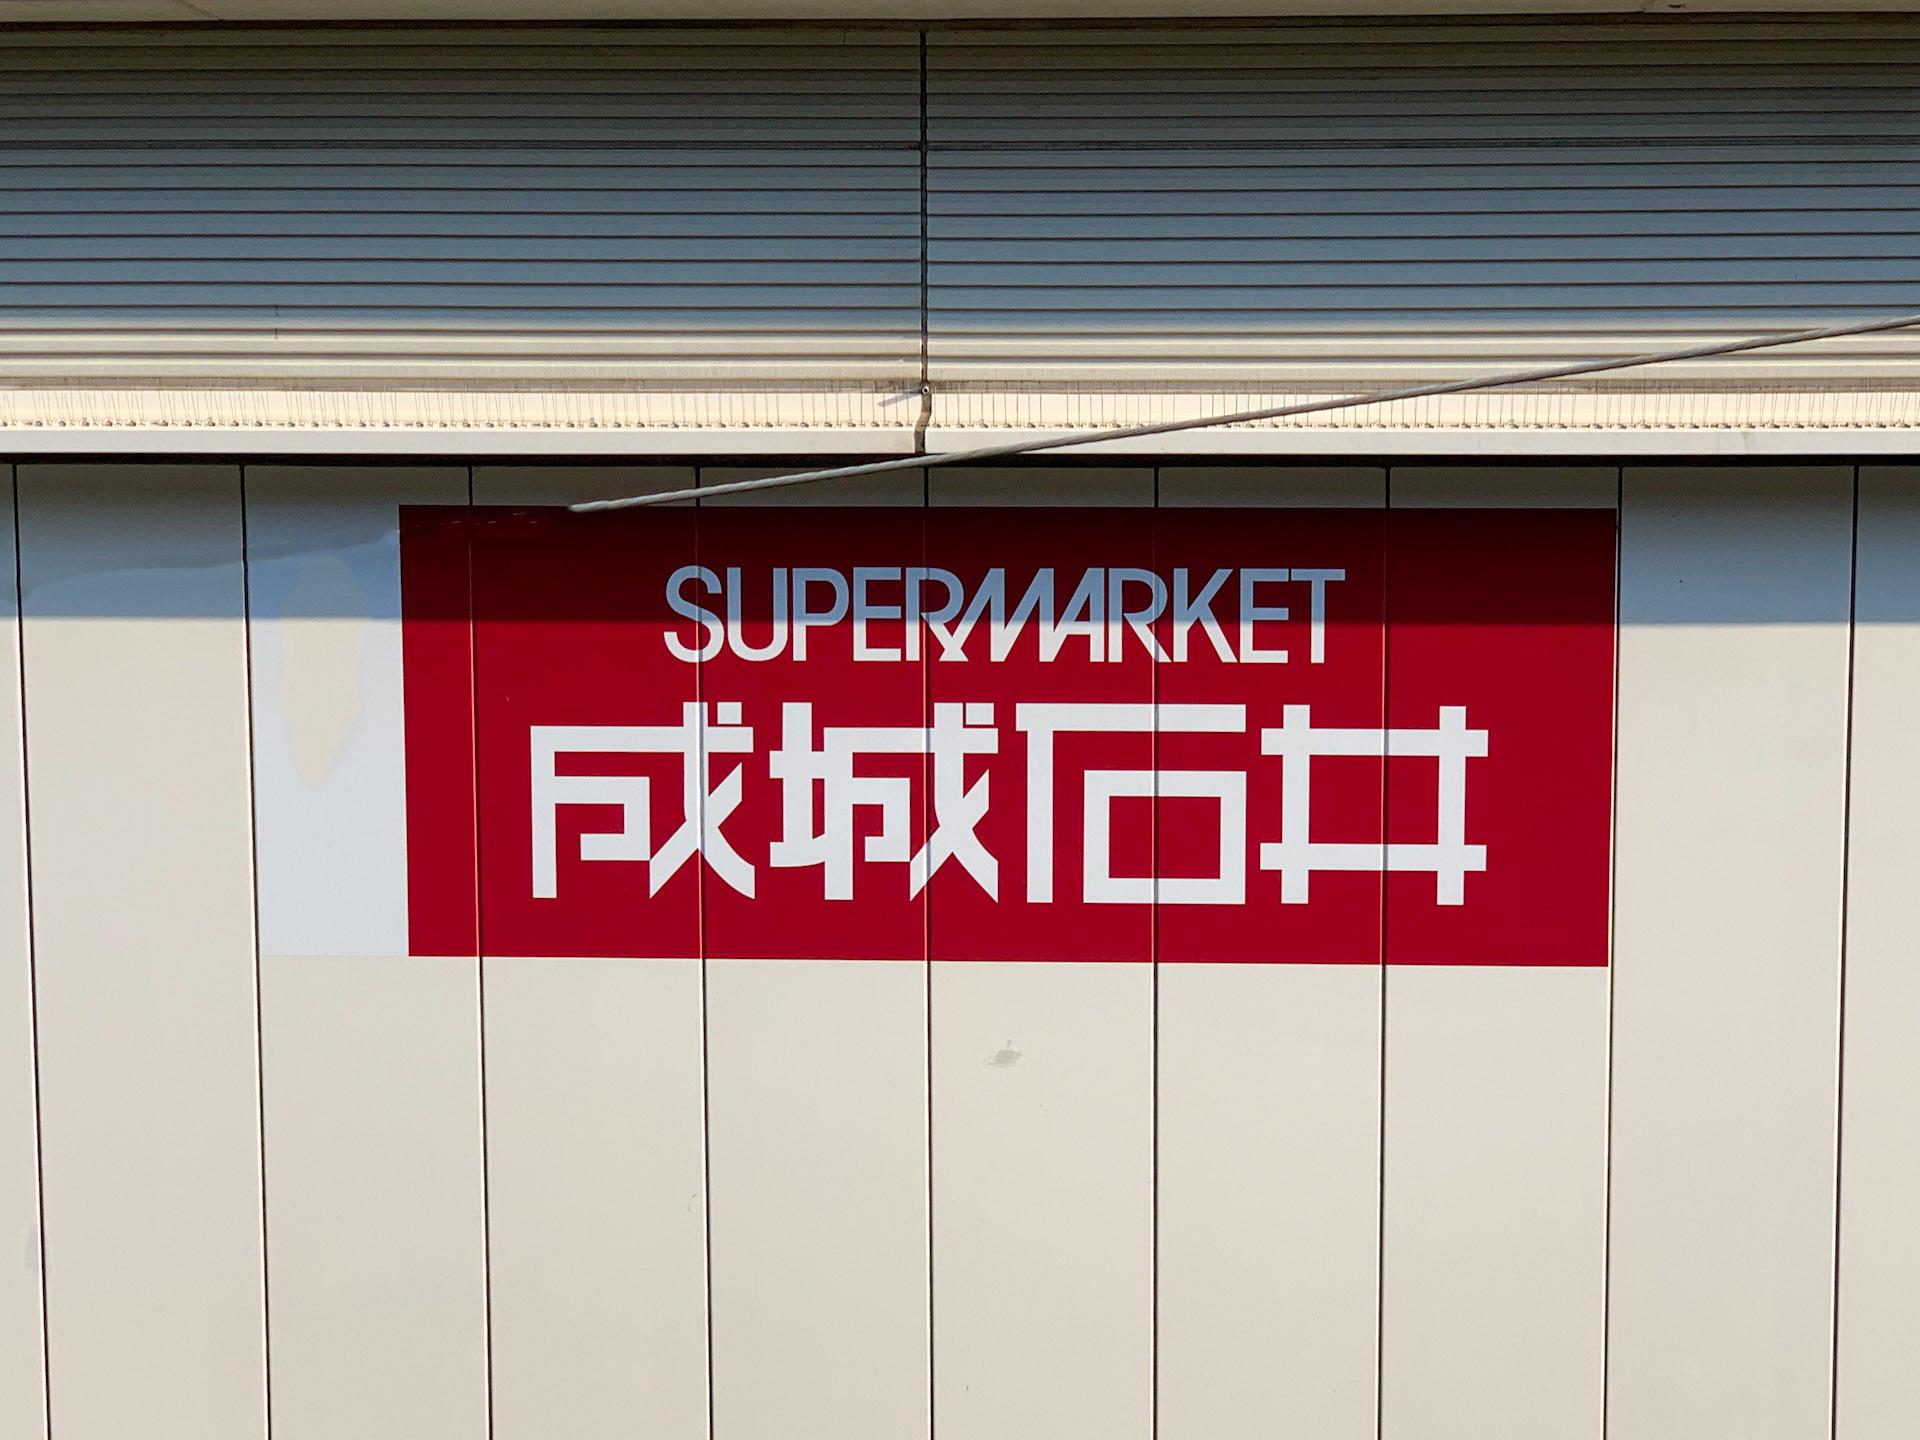 成城石井の自家製ローストビーフは激ウマ!売り切れ必至の人気商品とは